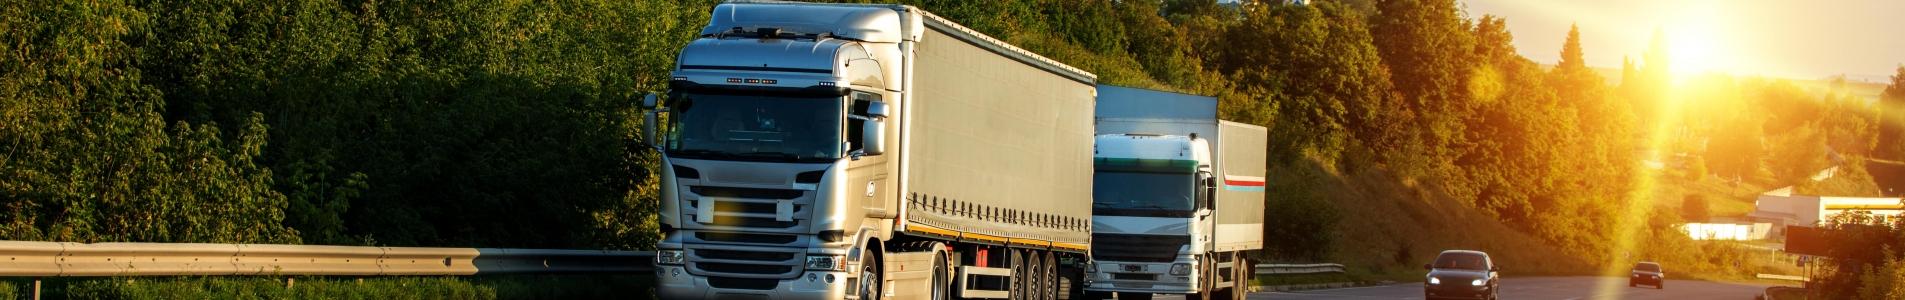 Zapewniamy stały kontakt z ekspertem dla kierowcy oraz kadry kierowniczej